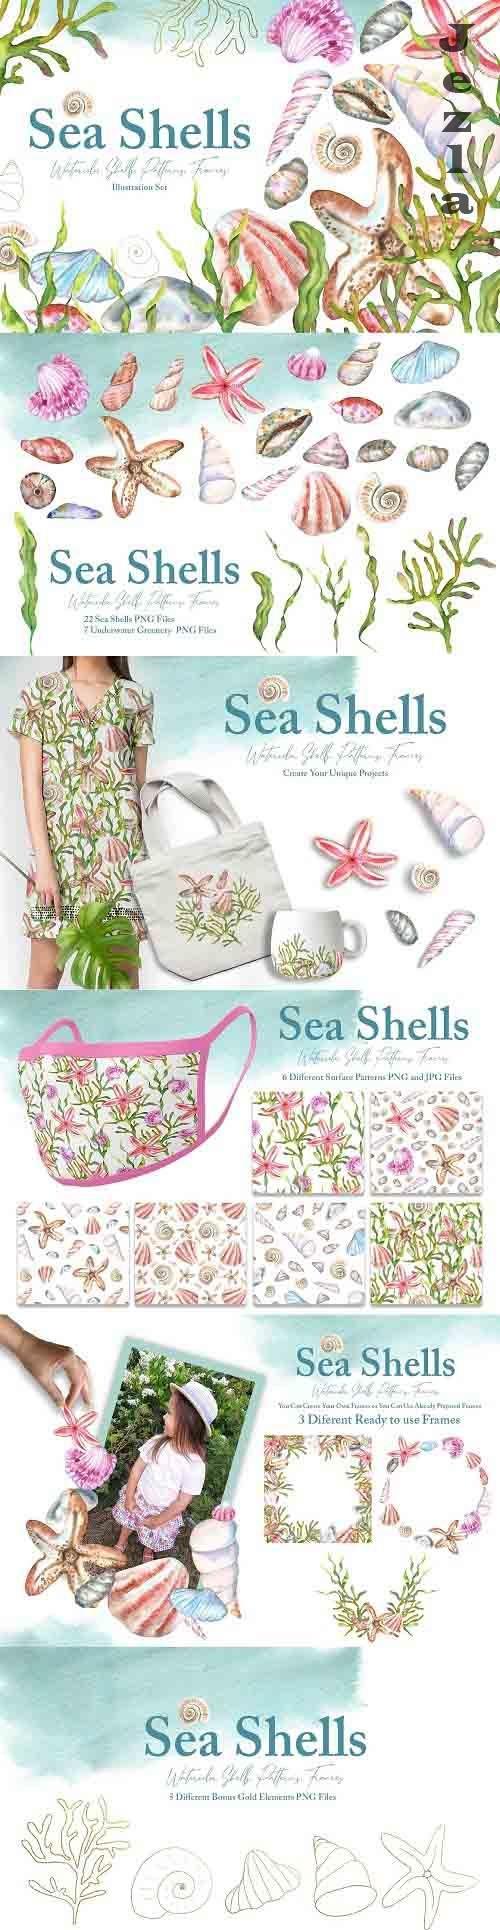 Watercolor Sea Shells Illustrations - 6181957